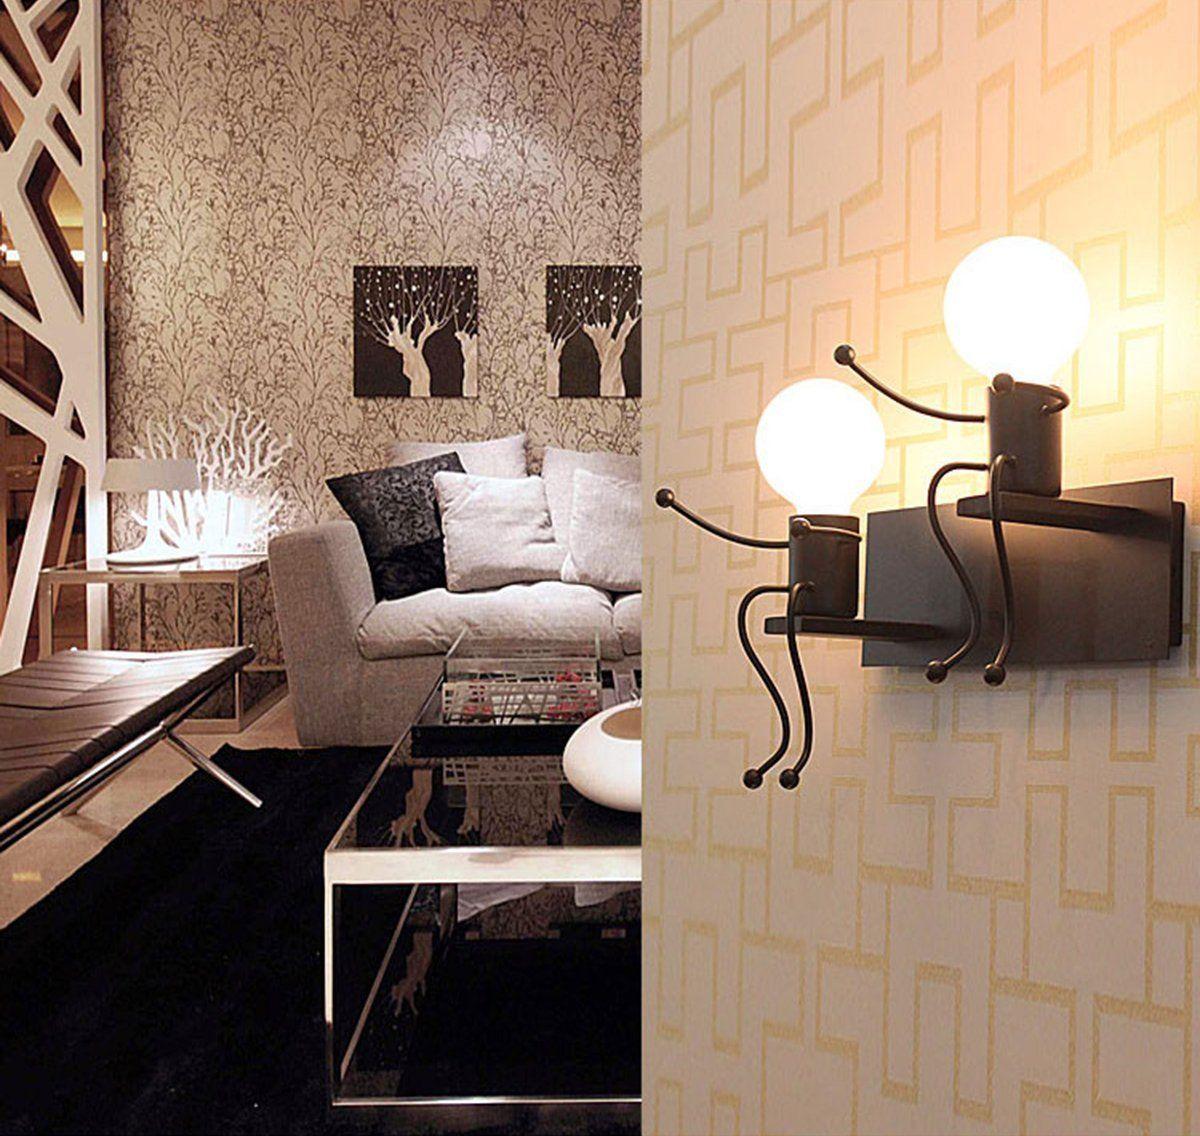 Lampada da parete E27 Applique da parete interni Design ...